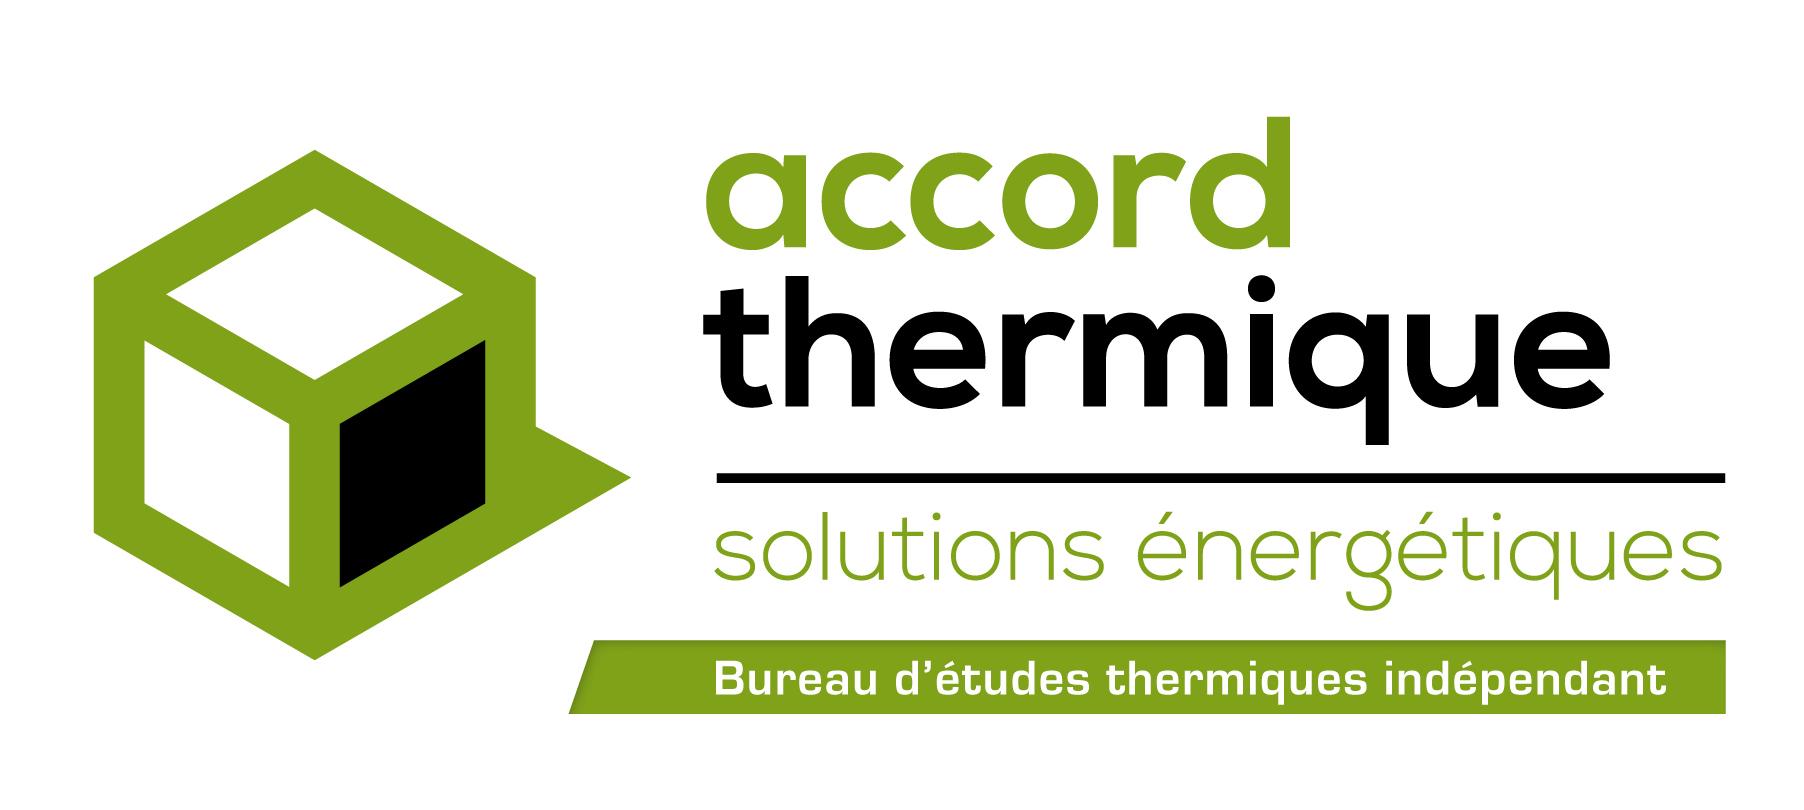 action commerciale de notre partenaire accord thermique bmx club de tregueux. Black Bedroom Furniture Sets. Home Design Ideas